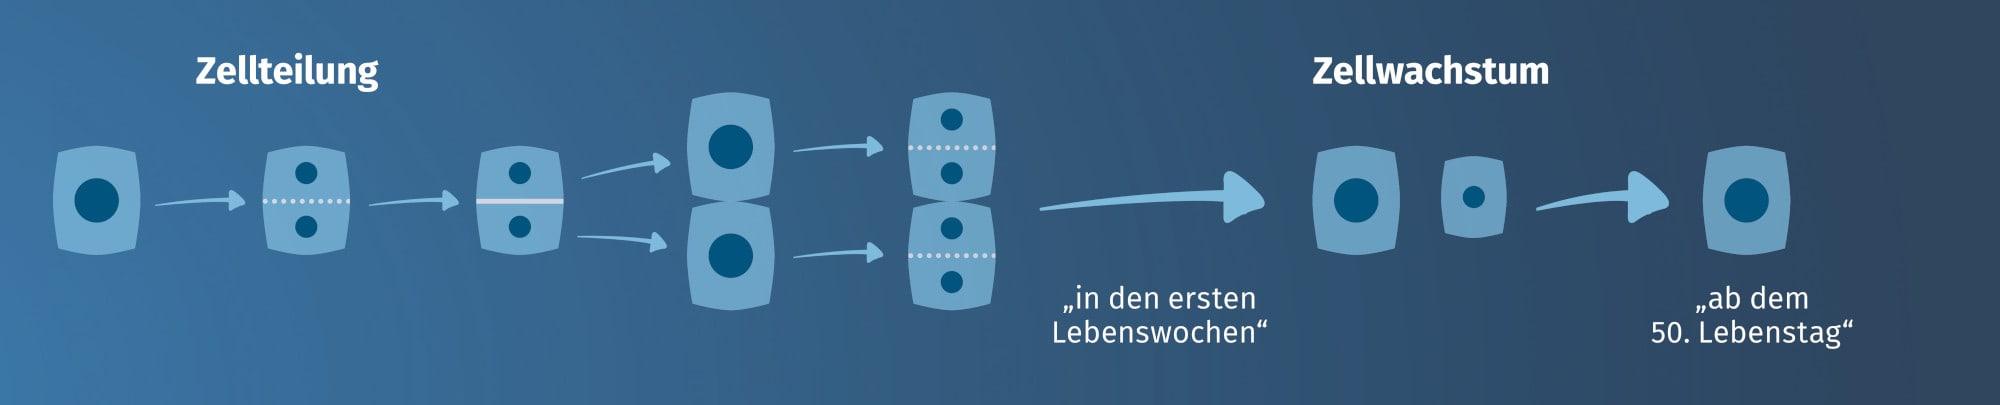 JOSERA Grafik zeigt Exkurs zur Zellteilung und Zellwachstum